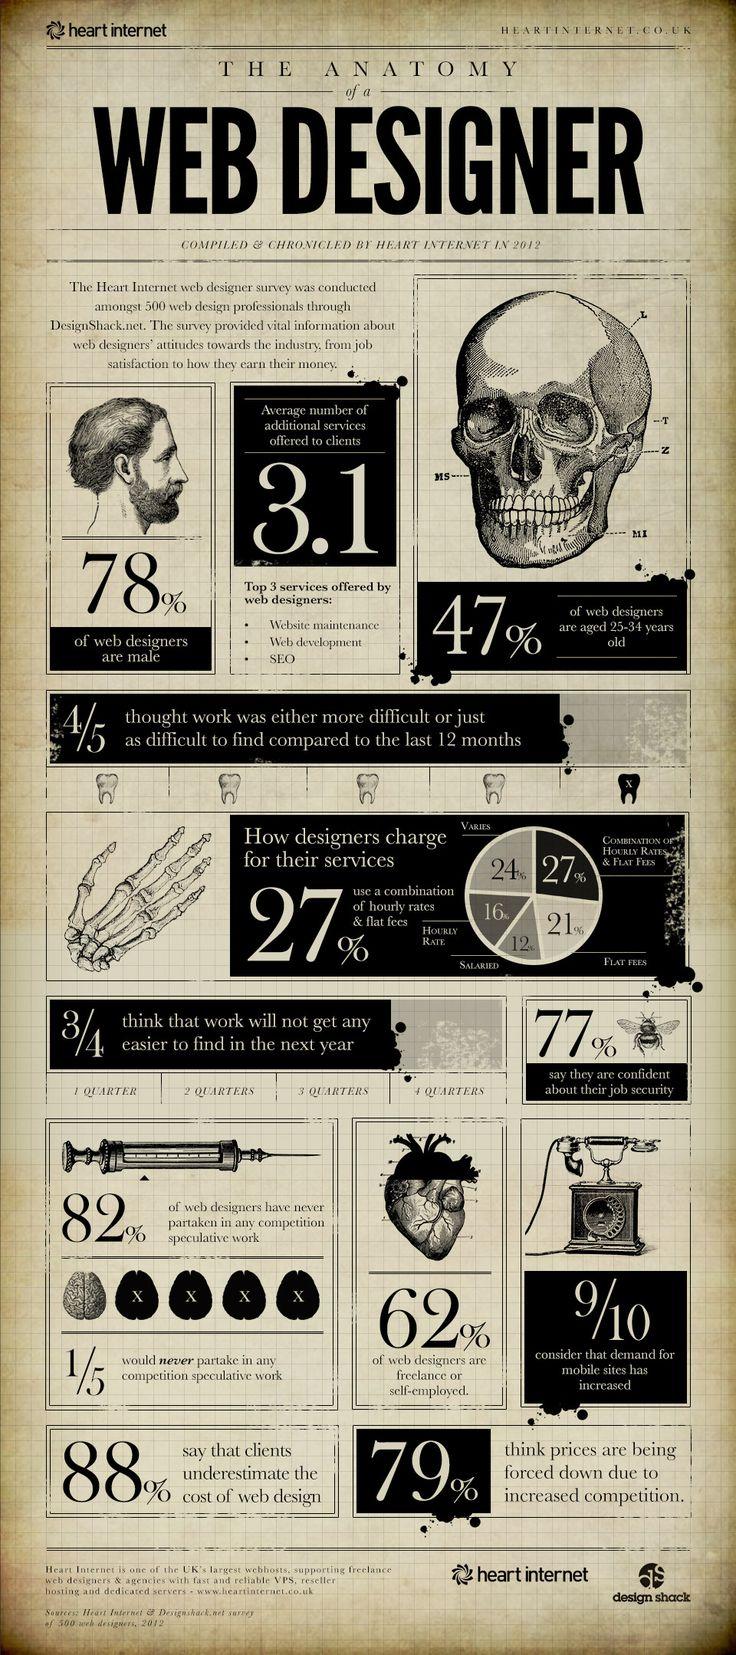 Los chicos de design shack sacaban hoy mismo una infografía bastante estadística sobre diferentes cuestiones de los perfiles del diseñador web, que arrojan datos interesantes.